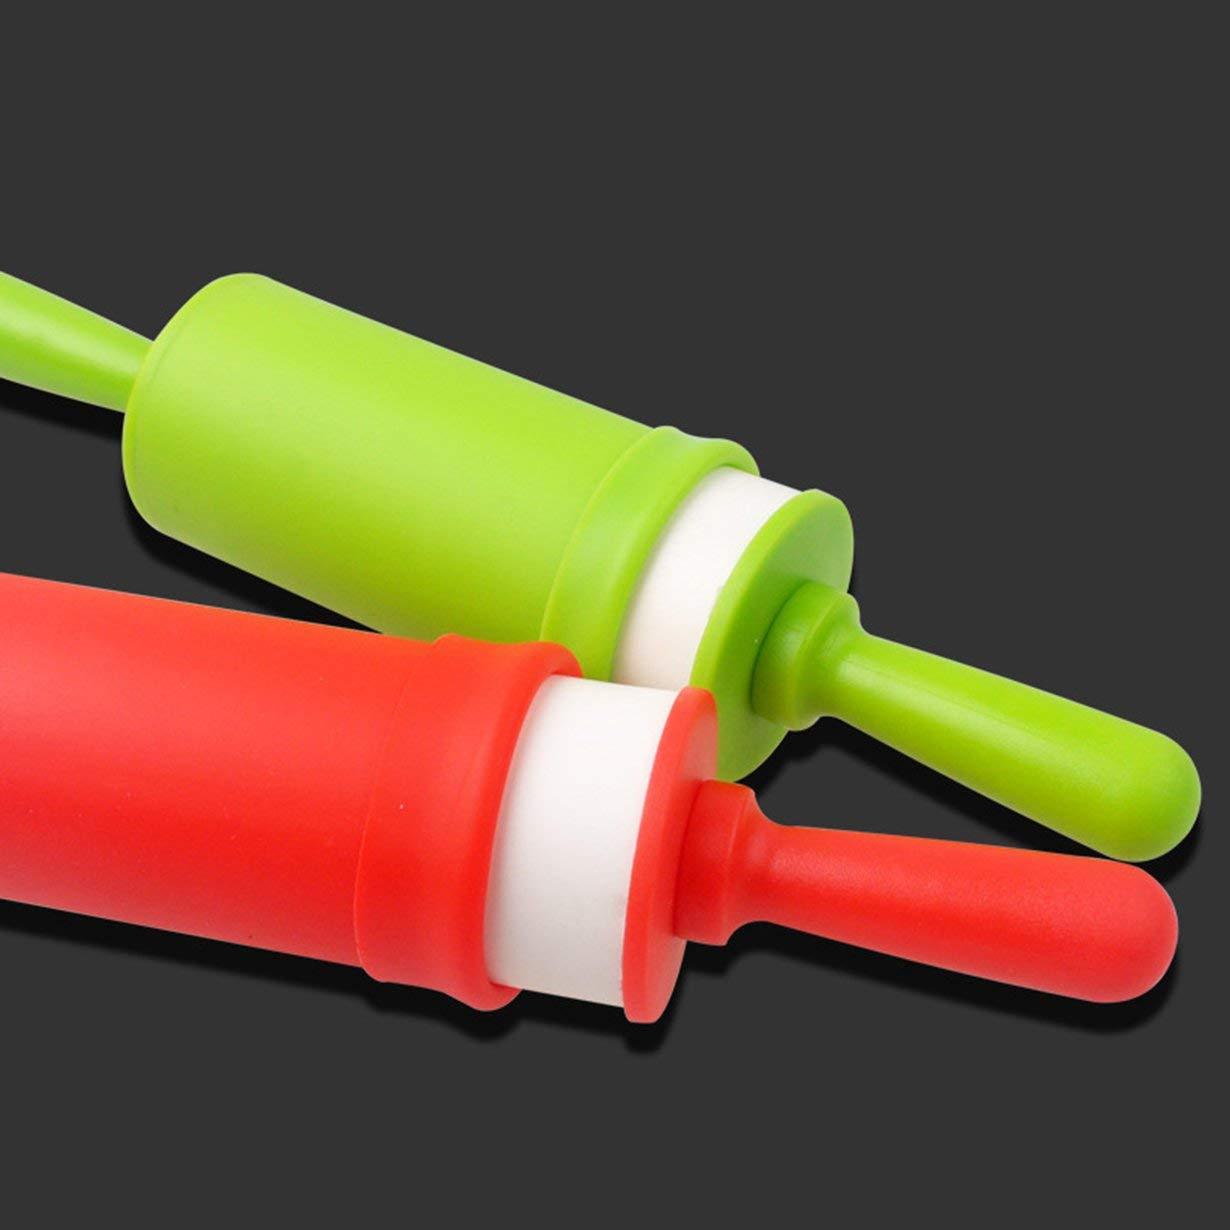 Beige Cuisine Bin,BAFFECT/® Poubelle Cuisine Poubelle Recyclage Poubelle Cuisine Poubelle avec Couvercle Poubelle Poubelle Poubelle Papier pour Cuisine Salle De Bains Chambre Salon Bureau 12L Beige